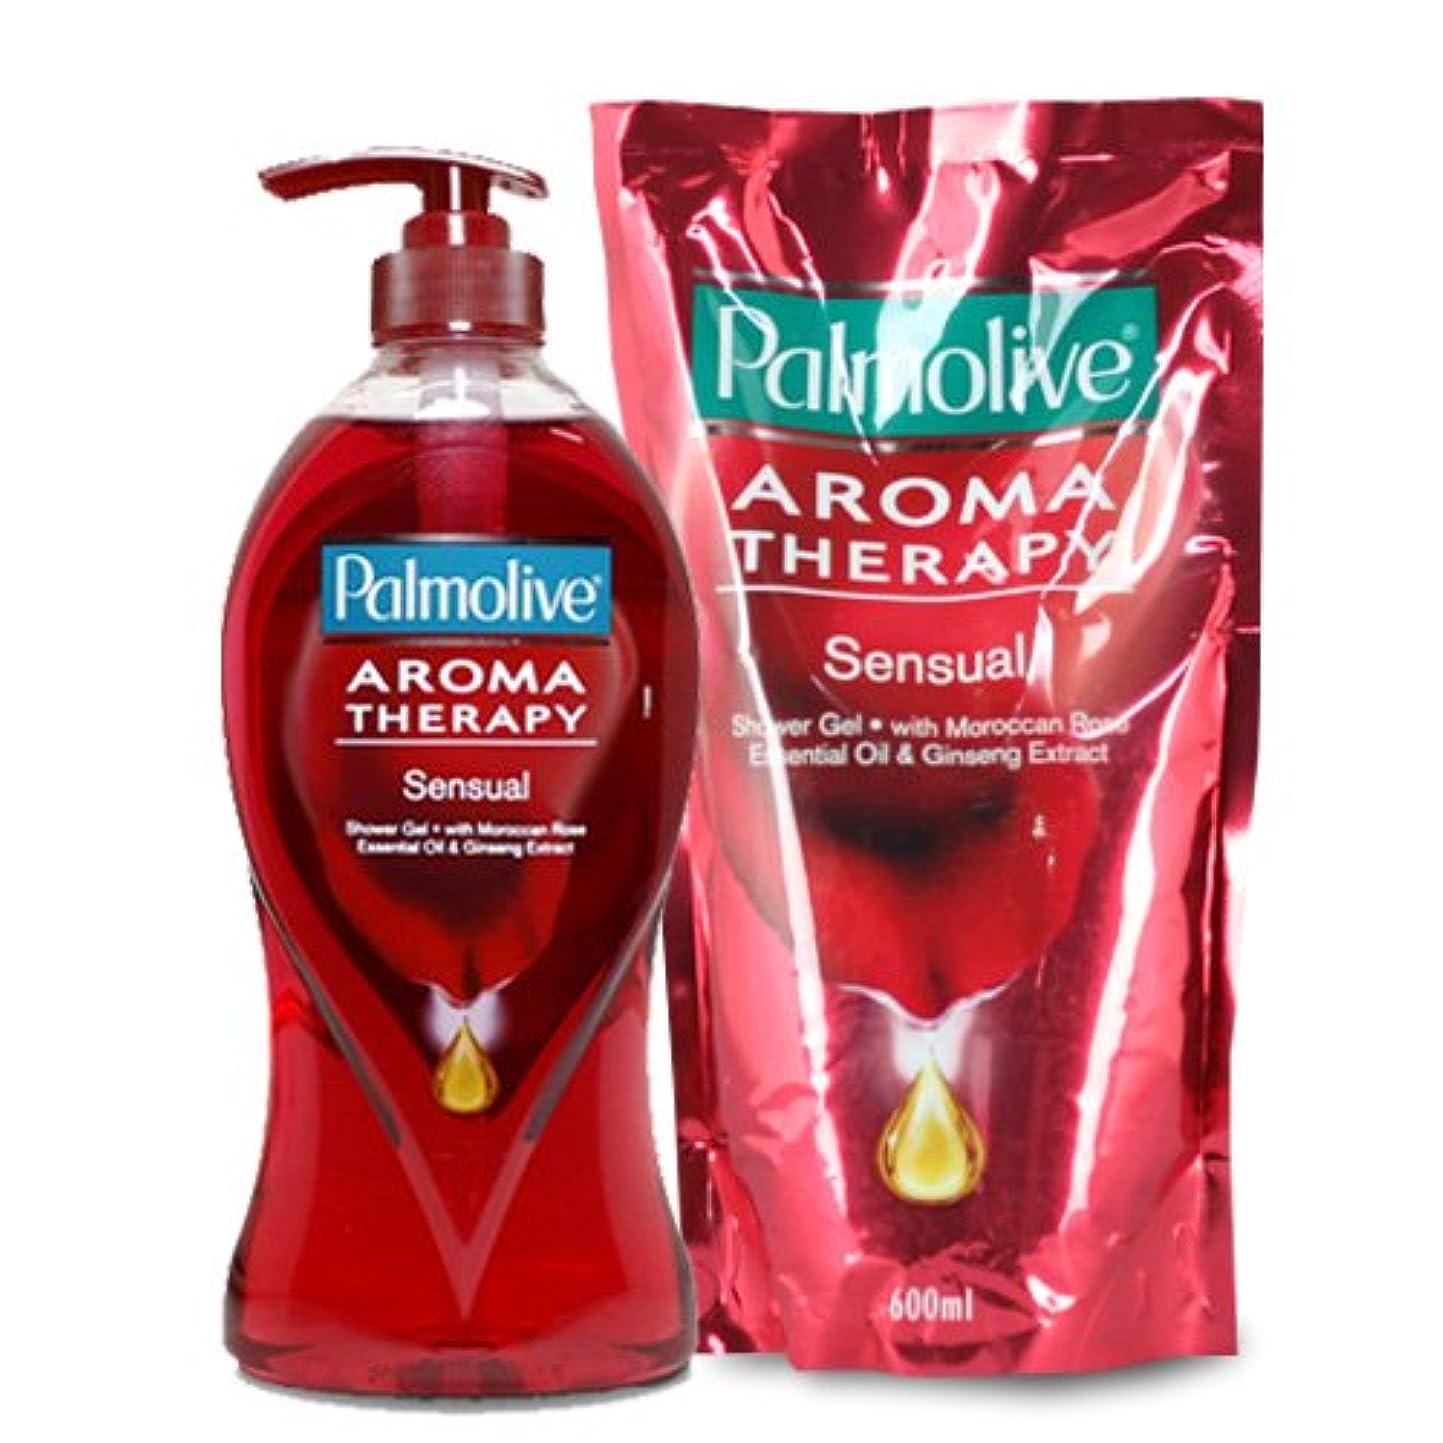 みすぼらしいクリエイティブどのくらいの頻度で【Palmolive】パルモリーブ アロマセラピーシャワージェル ボトルと詰め替えのセット (センシャル)